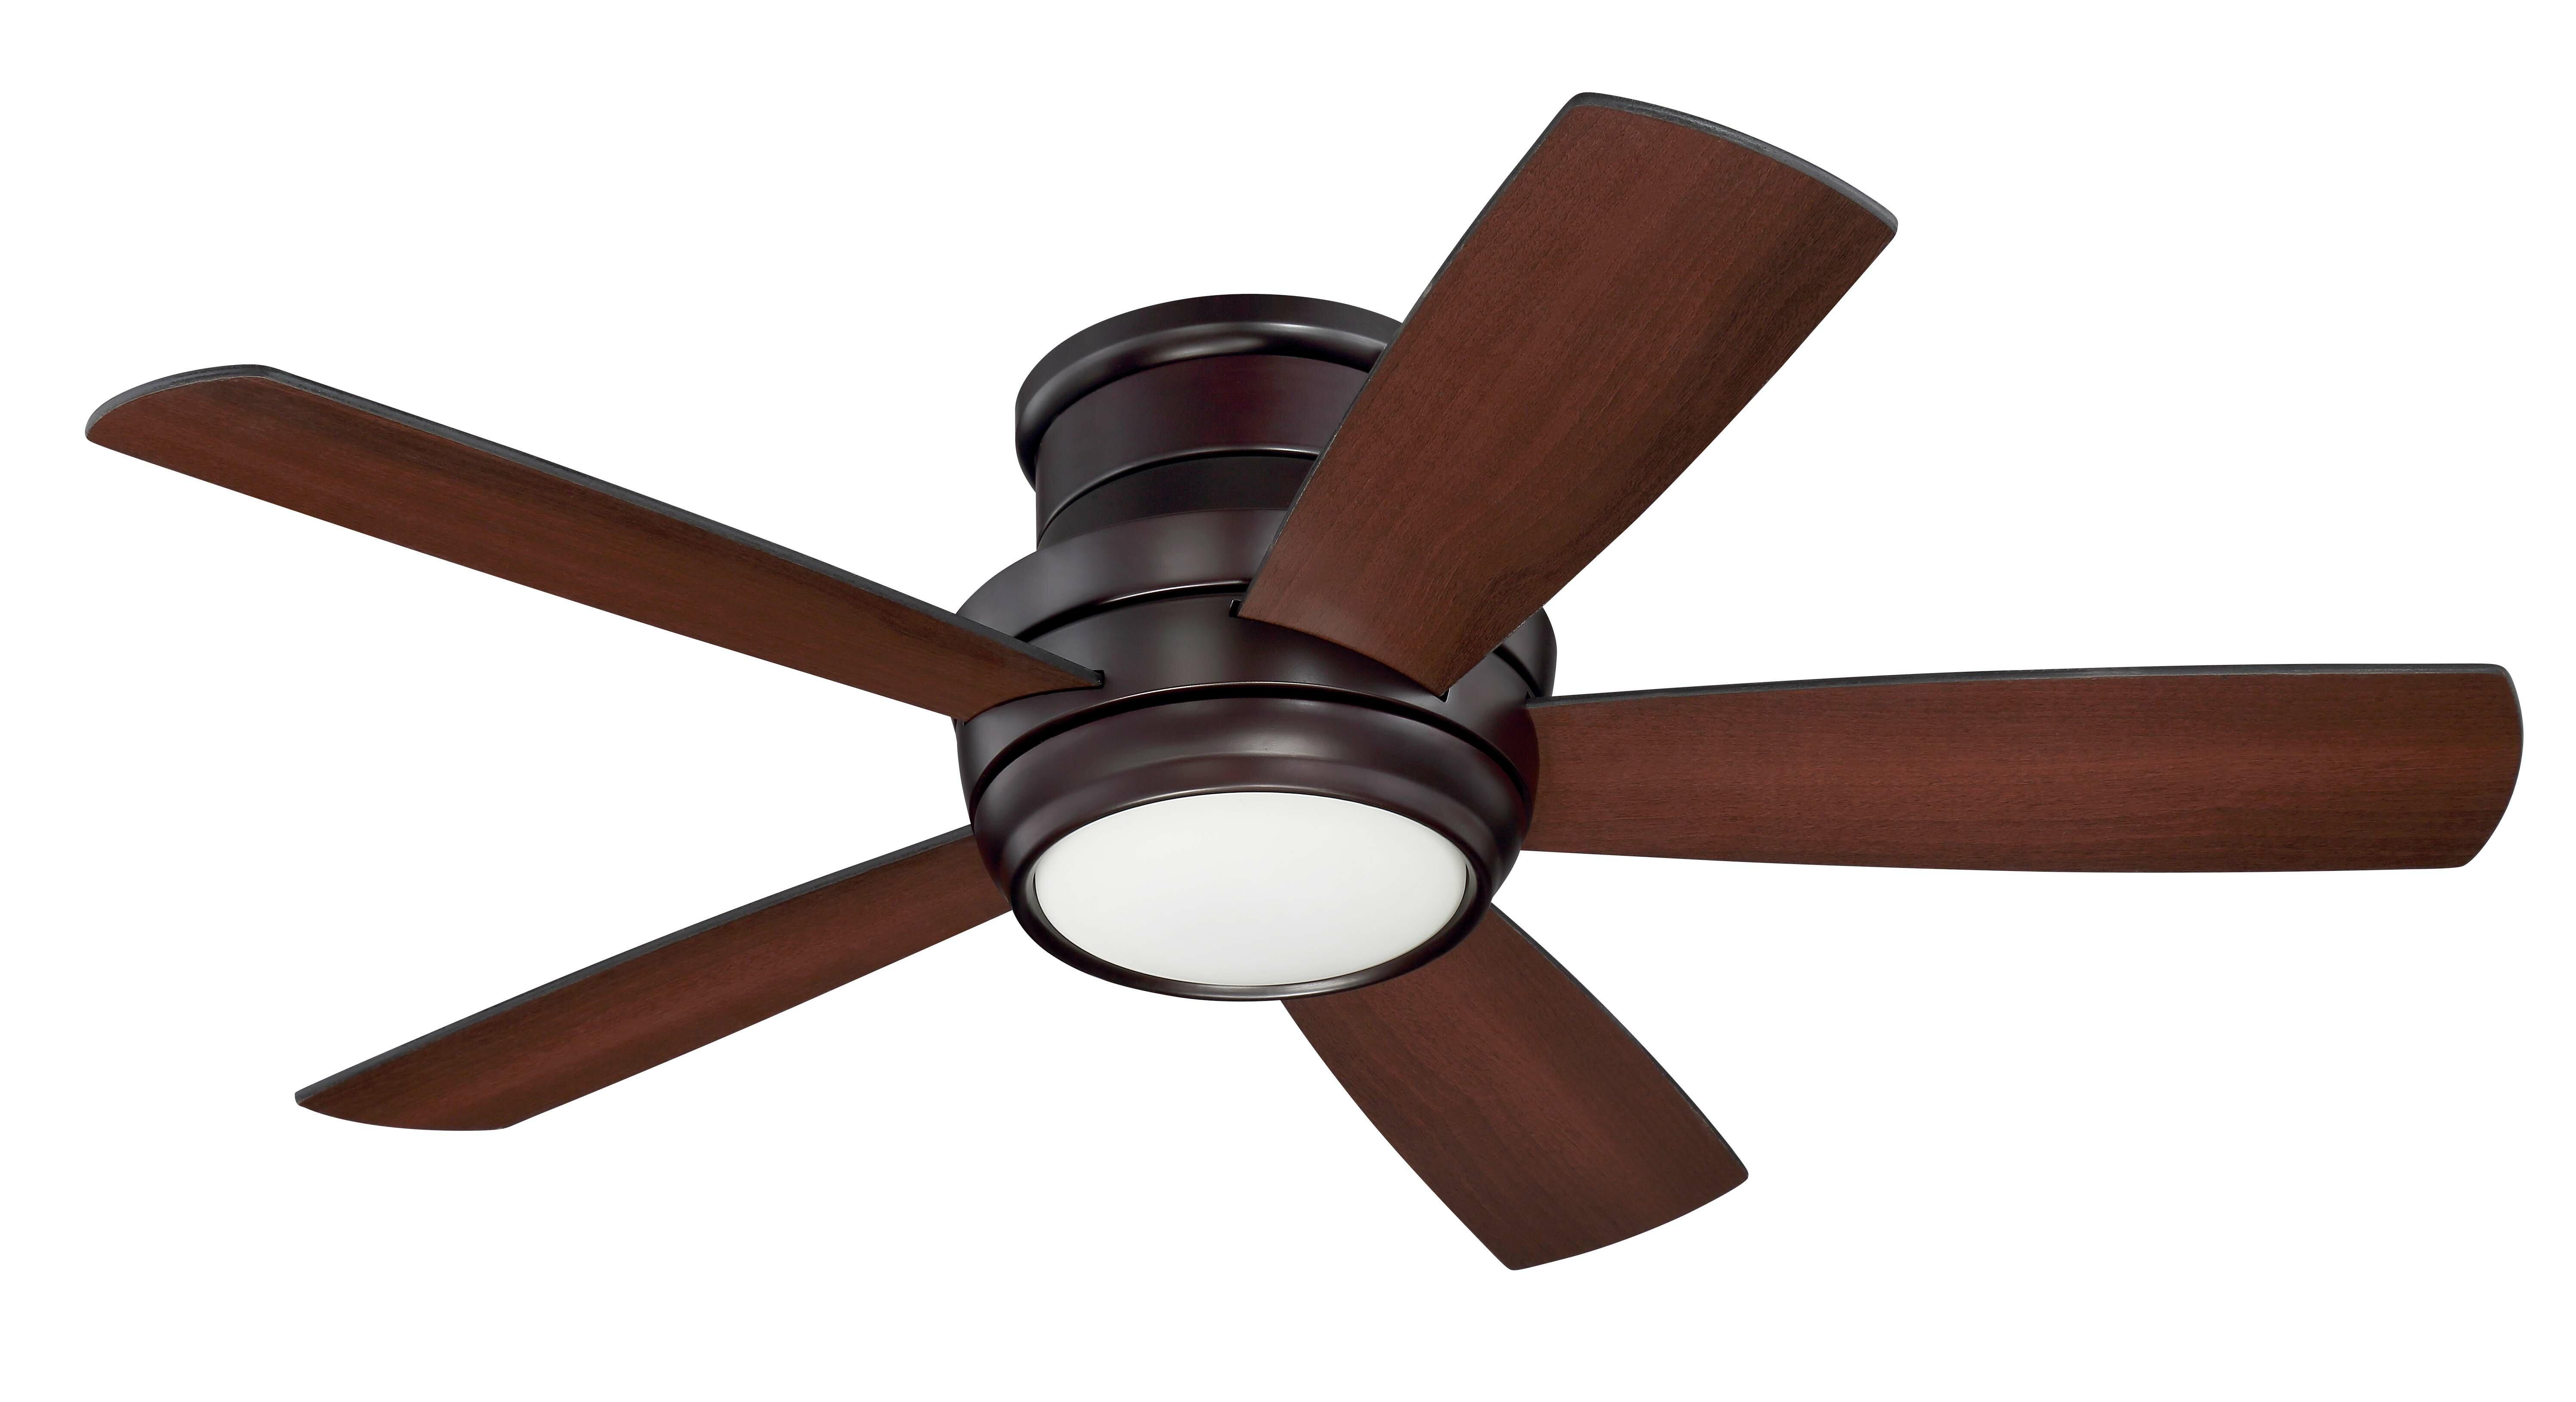 44 Cedarton Hugger 5 Blade Led Ceiling Fan Light Kit Included Reviews Allmodern